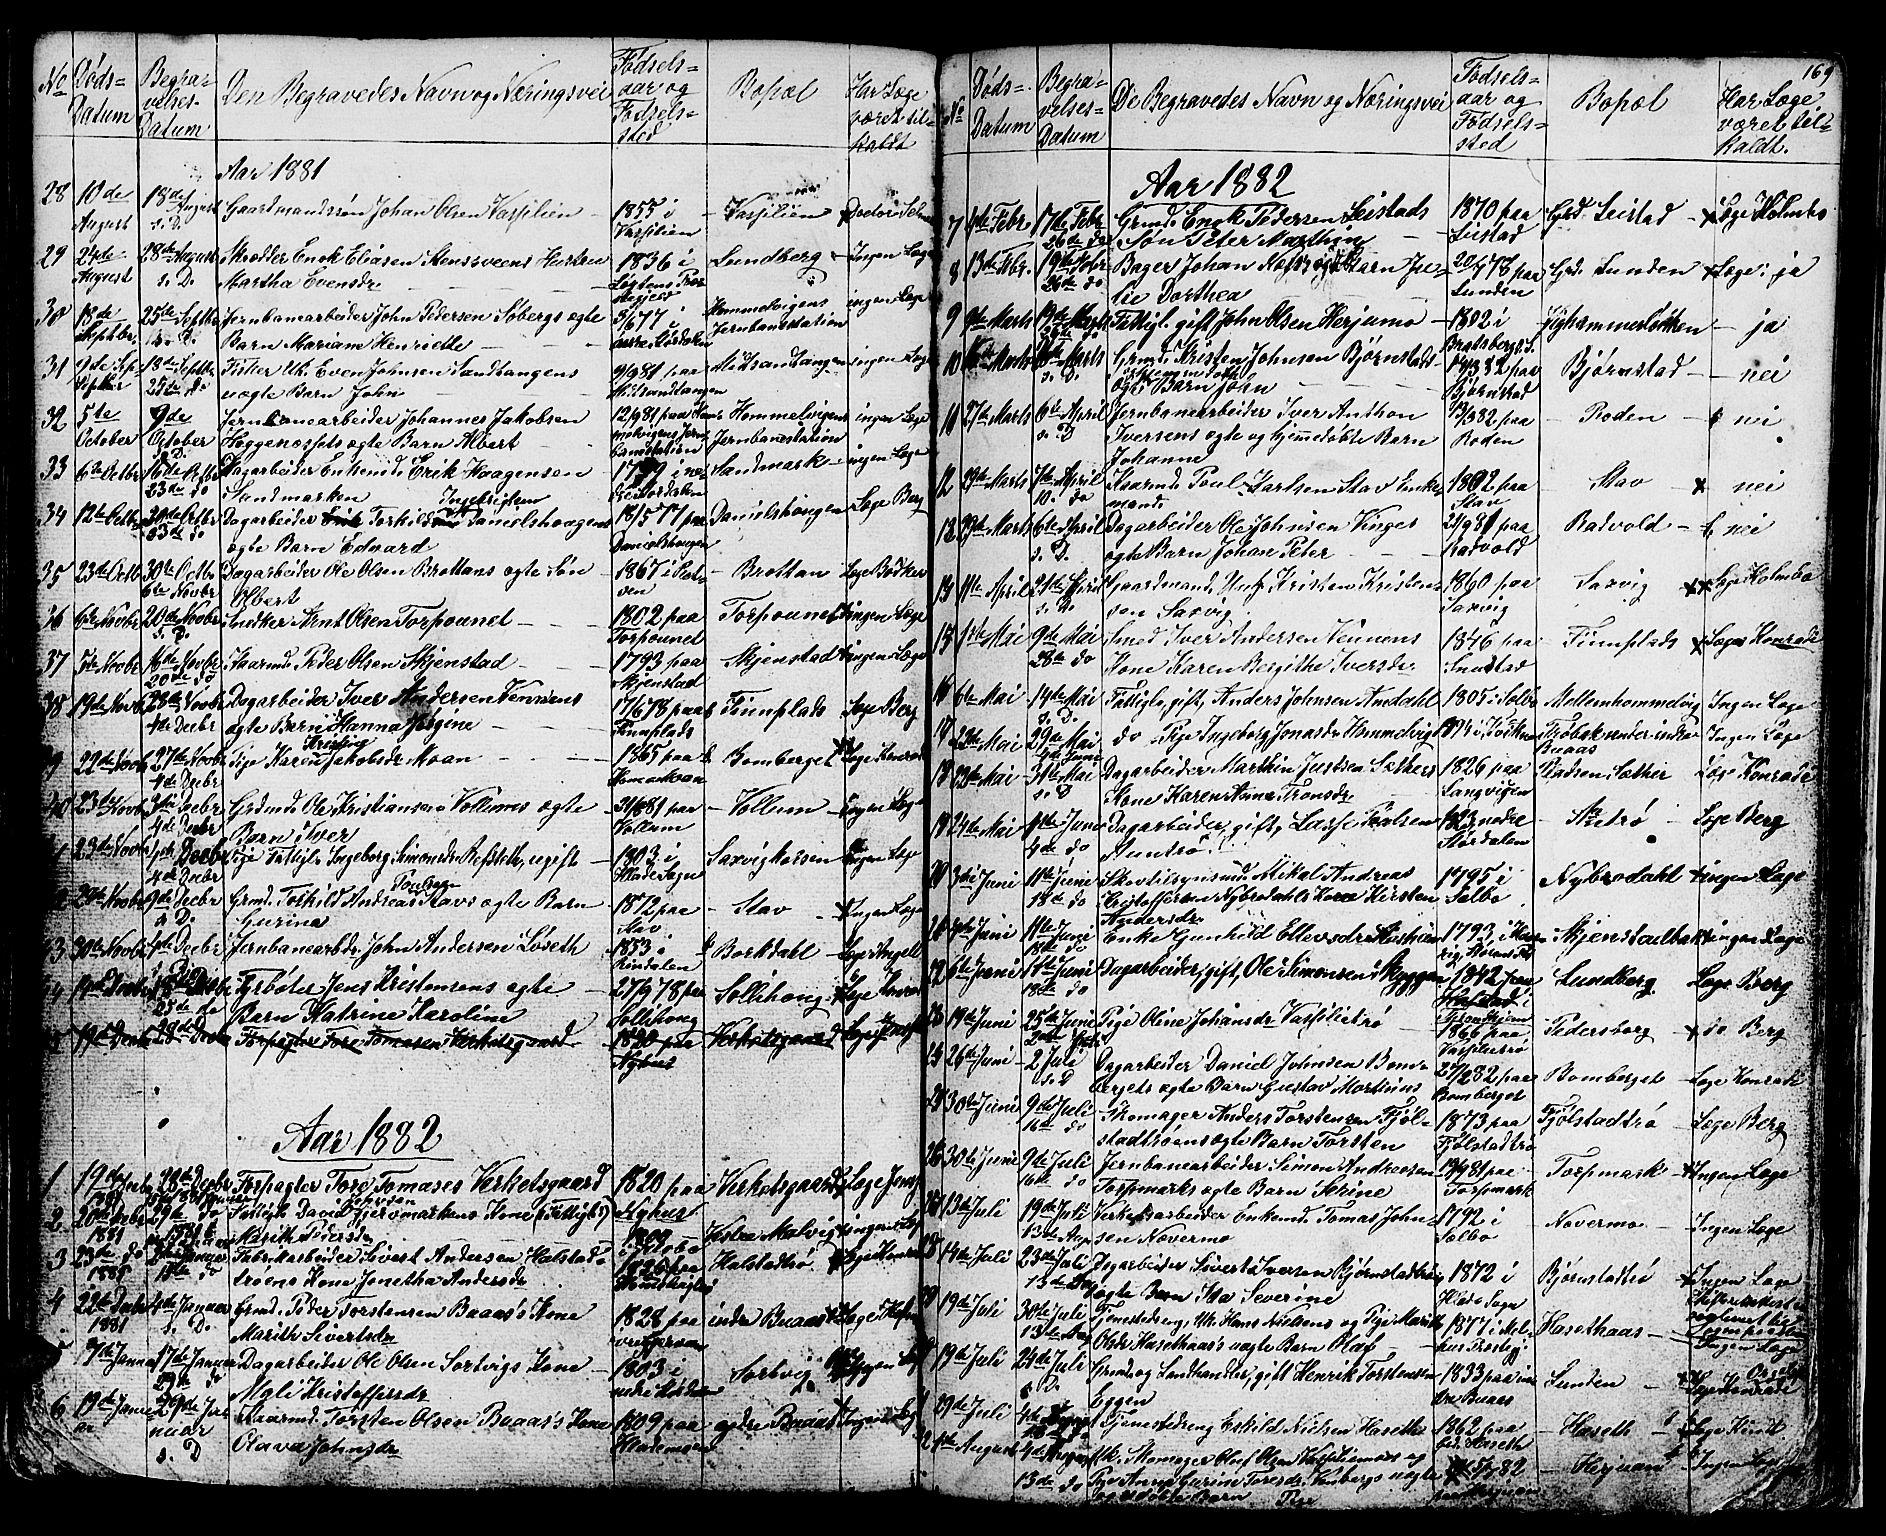 SAT, Ministerialprotokoller, klokkerbøker og fødselsregistre - Sør-Trøndelag, 616/L0422: Klokkerbok nr. 616C05, 1850-1888, s. 169